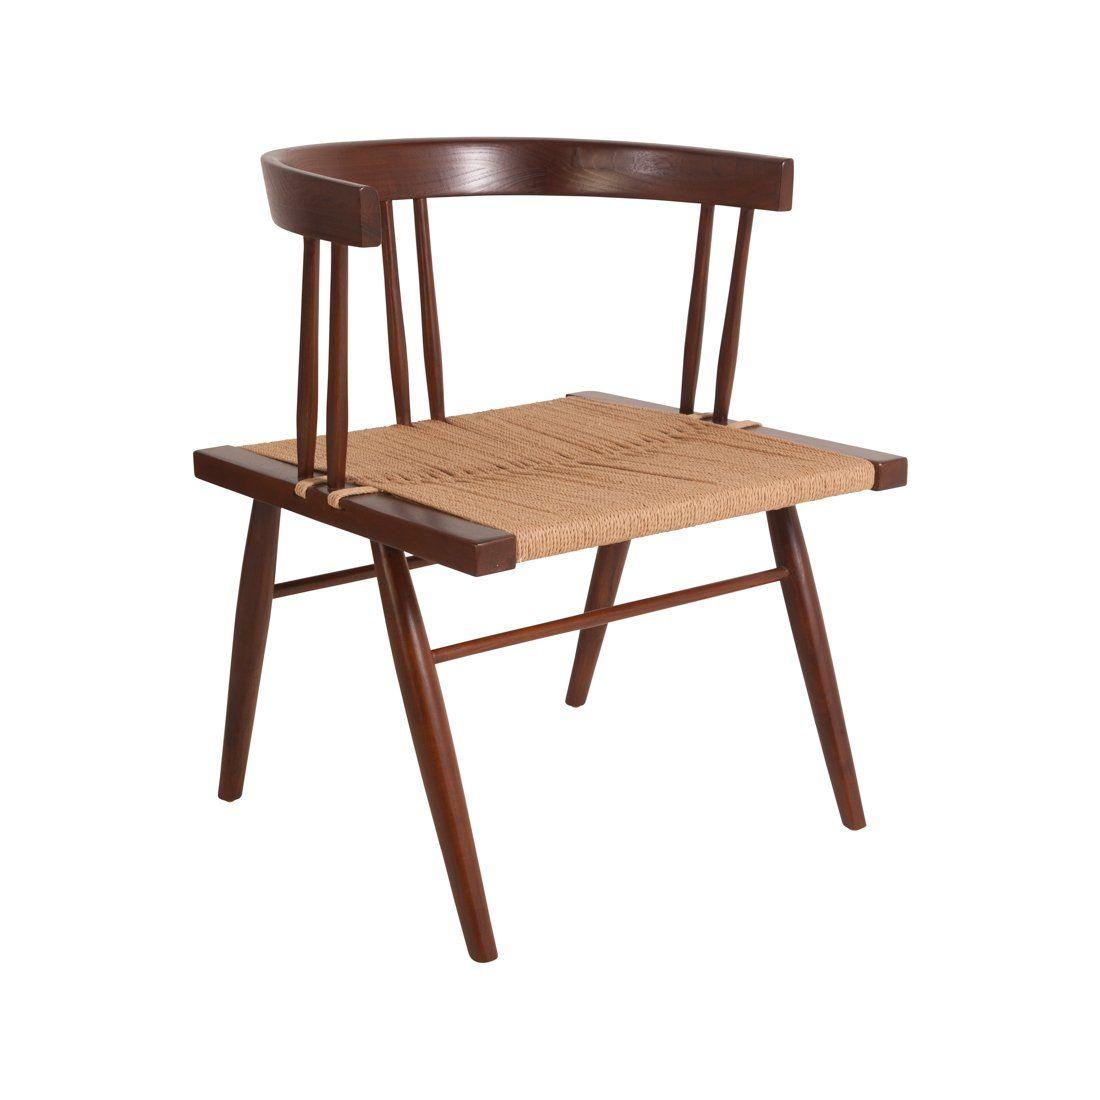 Pair Of Vintage Mid Century Modern Metal And Wood Chairs Metal